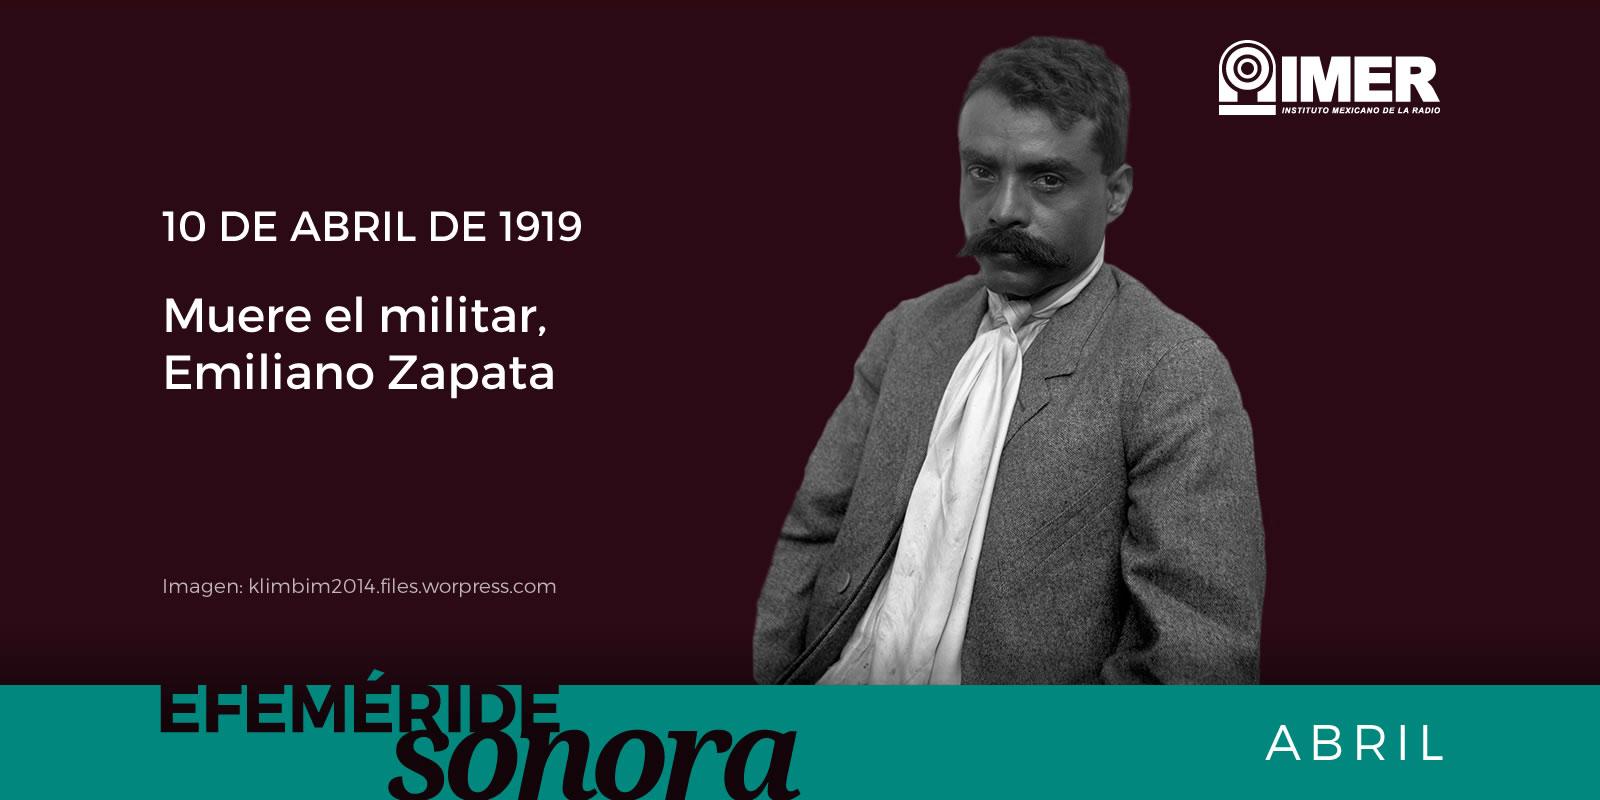 10 De Abril De 1919 Muere Emiliano Zapata Imer